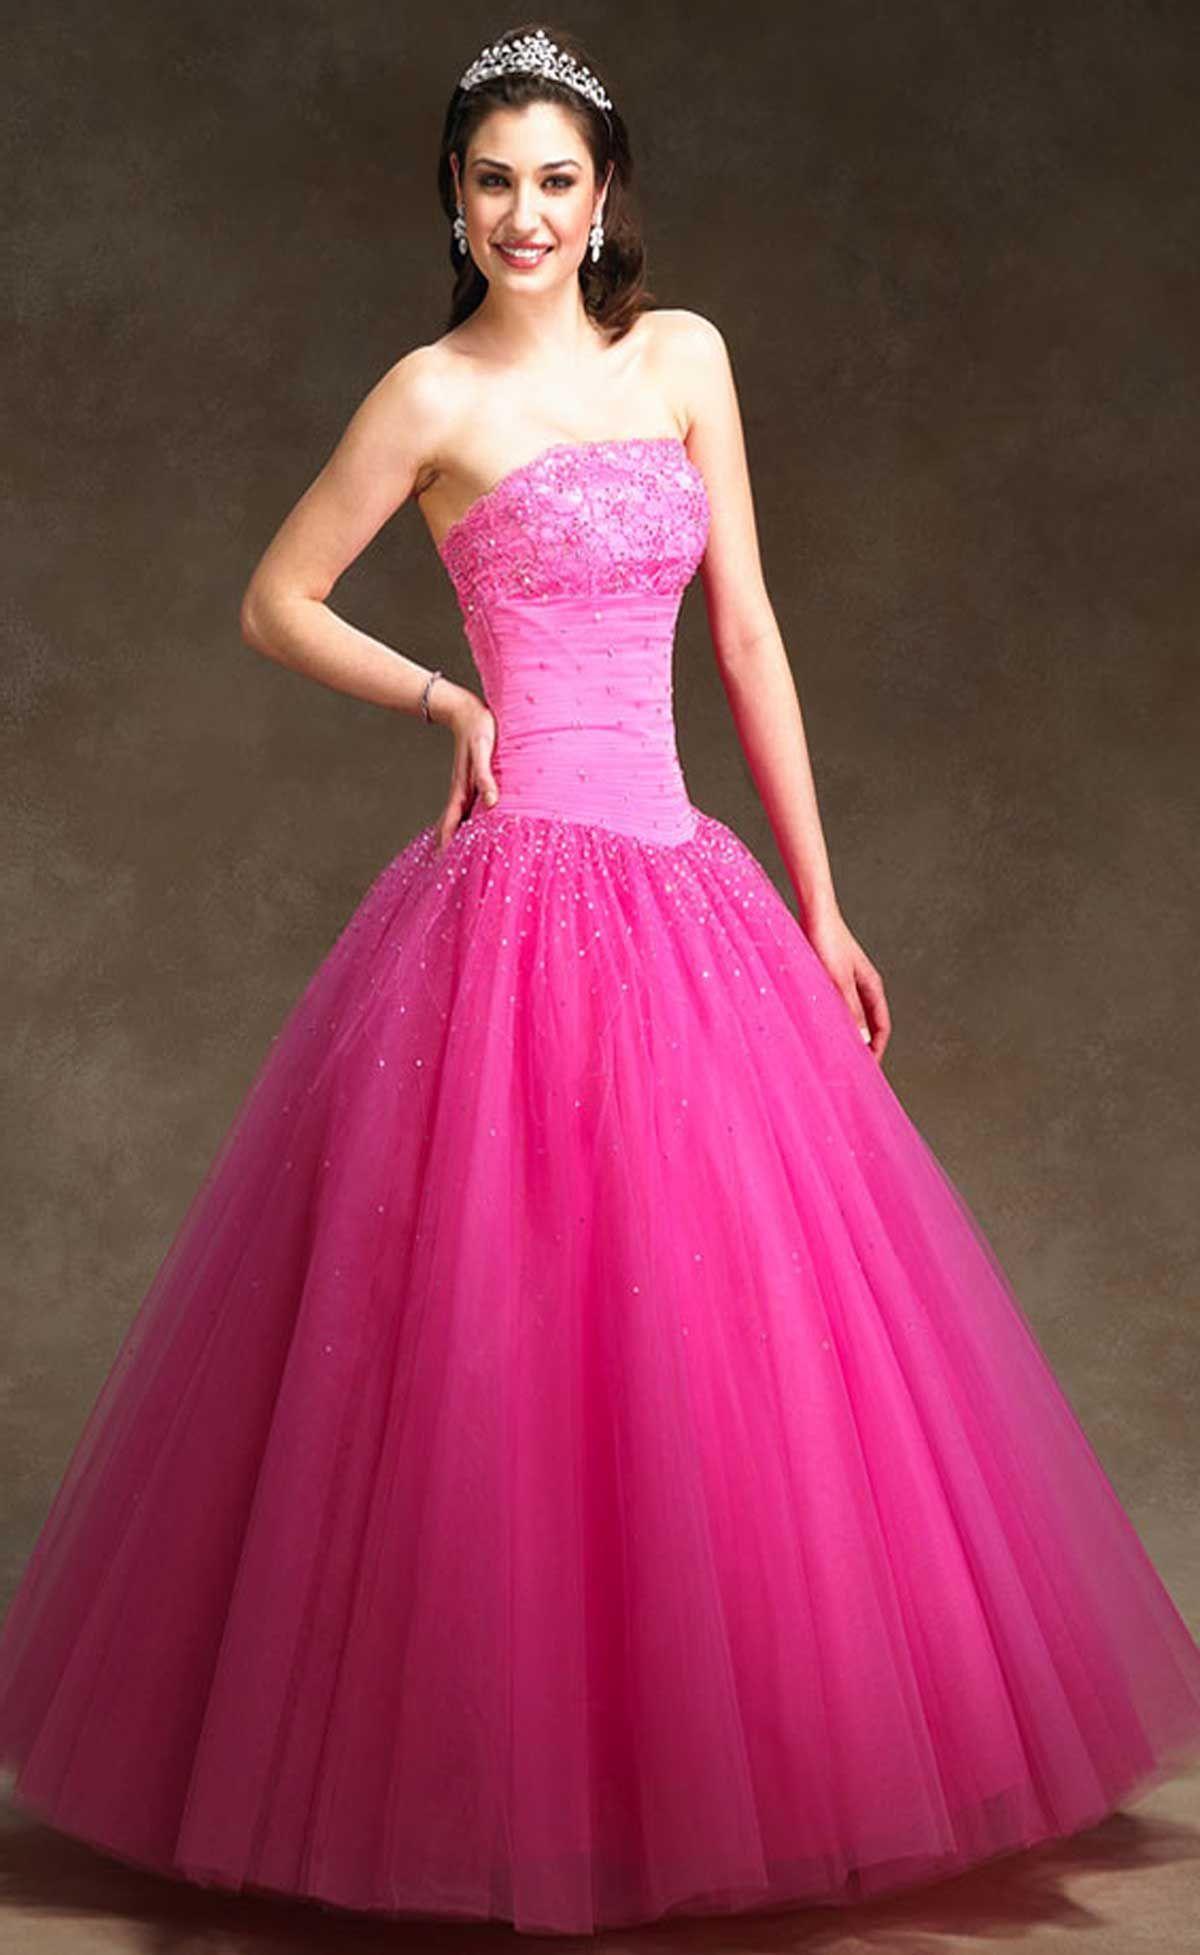 long-party-dresses- | Long Party Dress | Pinterest